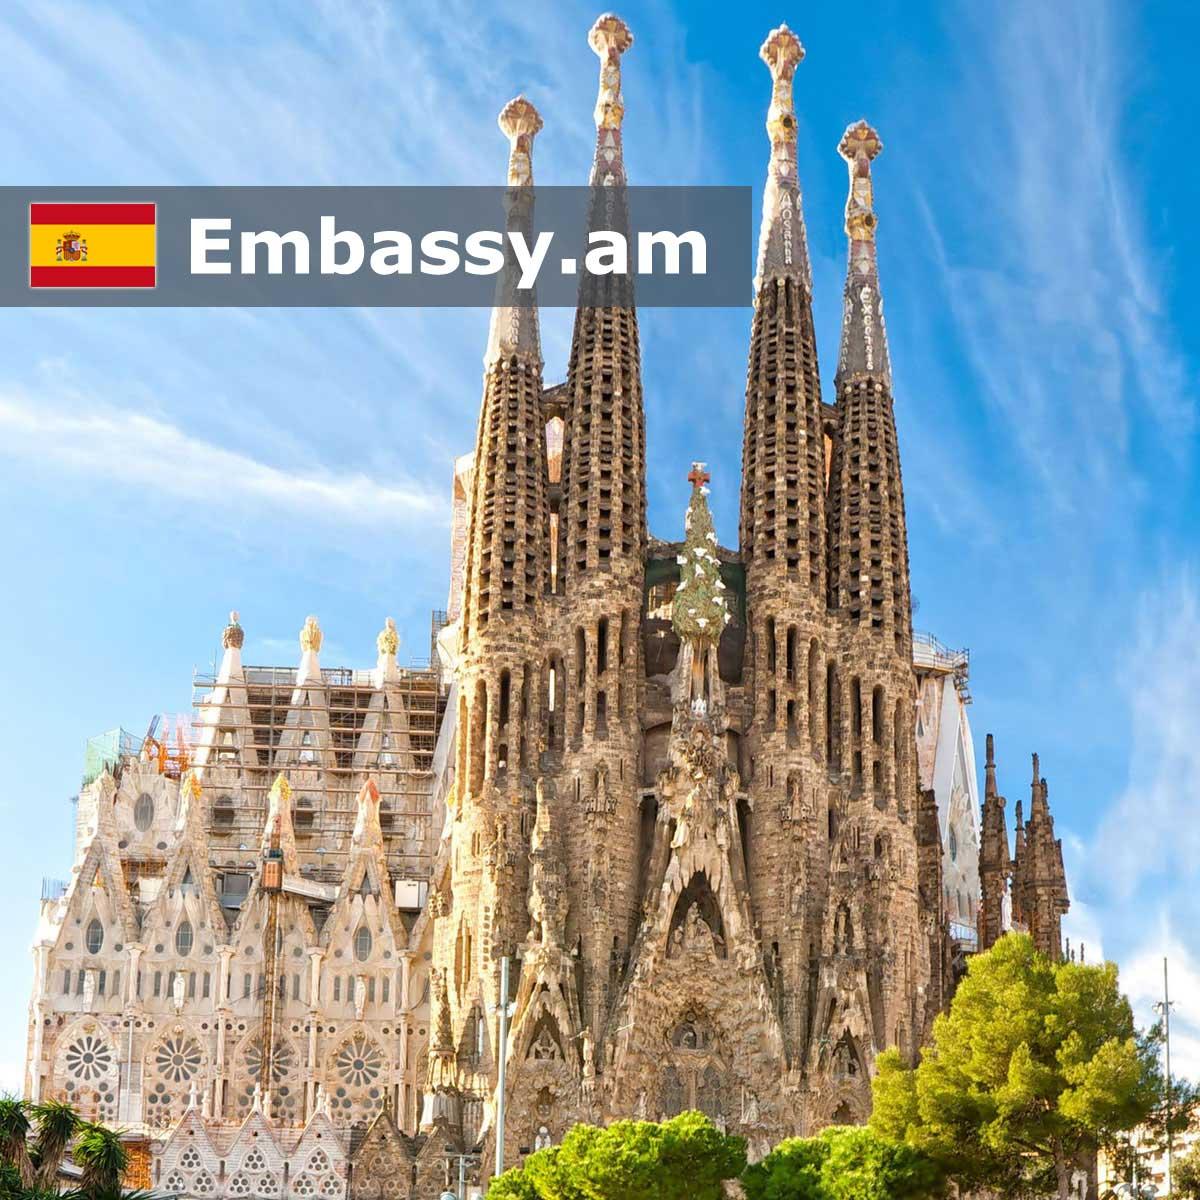 Barcelona - Hotels in Spain - Embassy.am